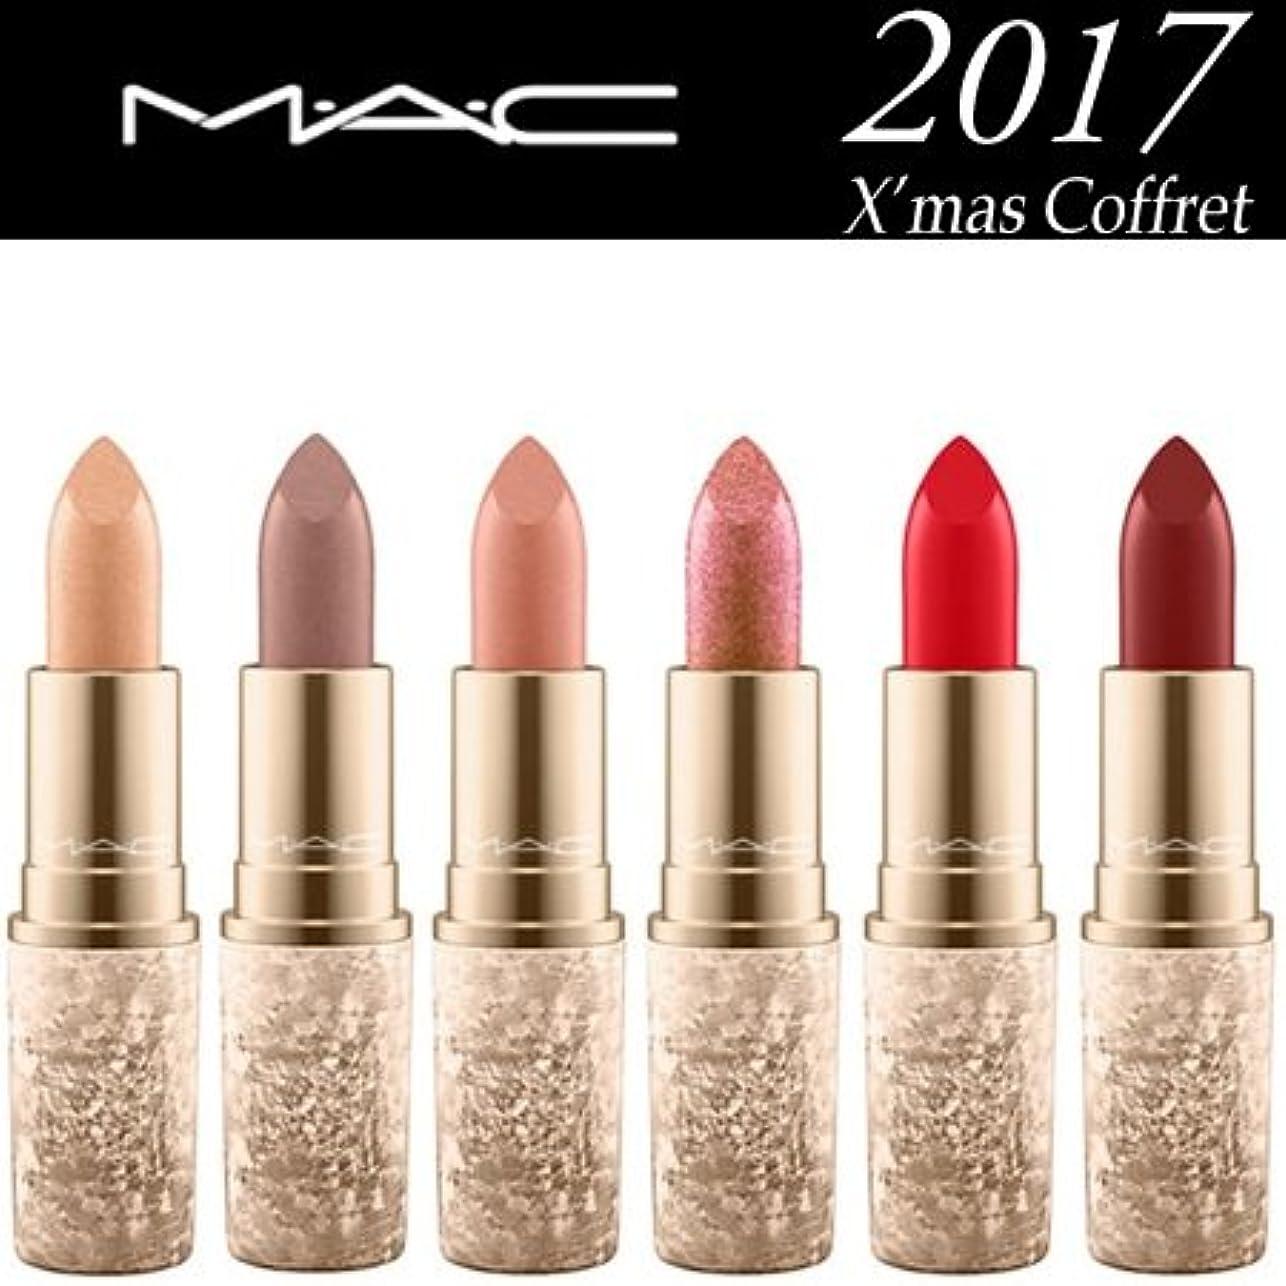 家庭サービス暗唱するマック リップスティック 選べる全6色 限定品 2017 クリスマス コフレ M?A?C -MAC- ウォームアイス